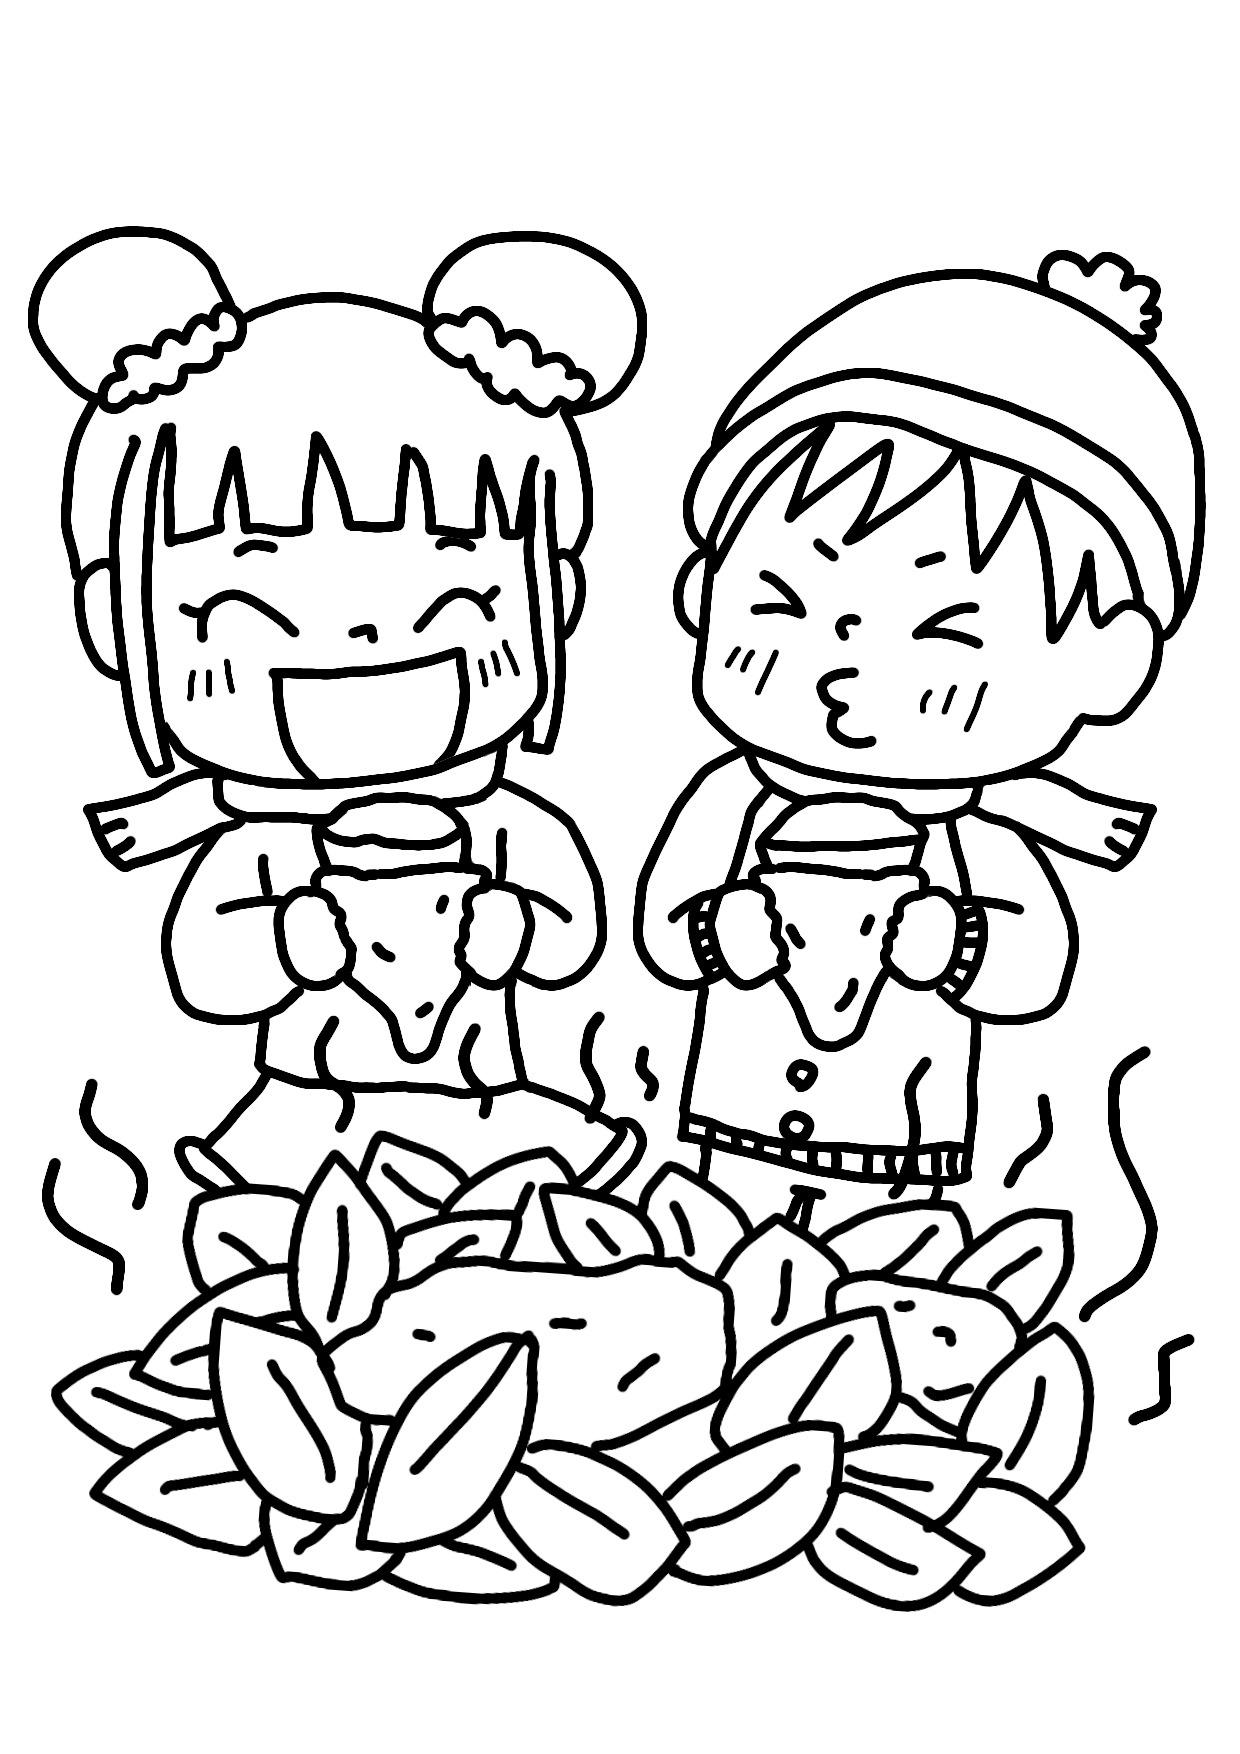 11月の無料ぬりえ】焼き芋、落ち葉、造形展、七五三、千歳飴